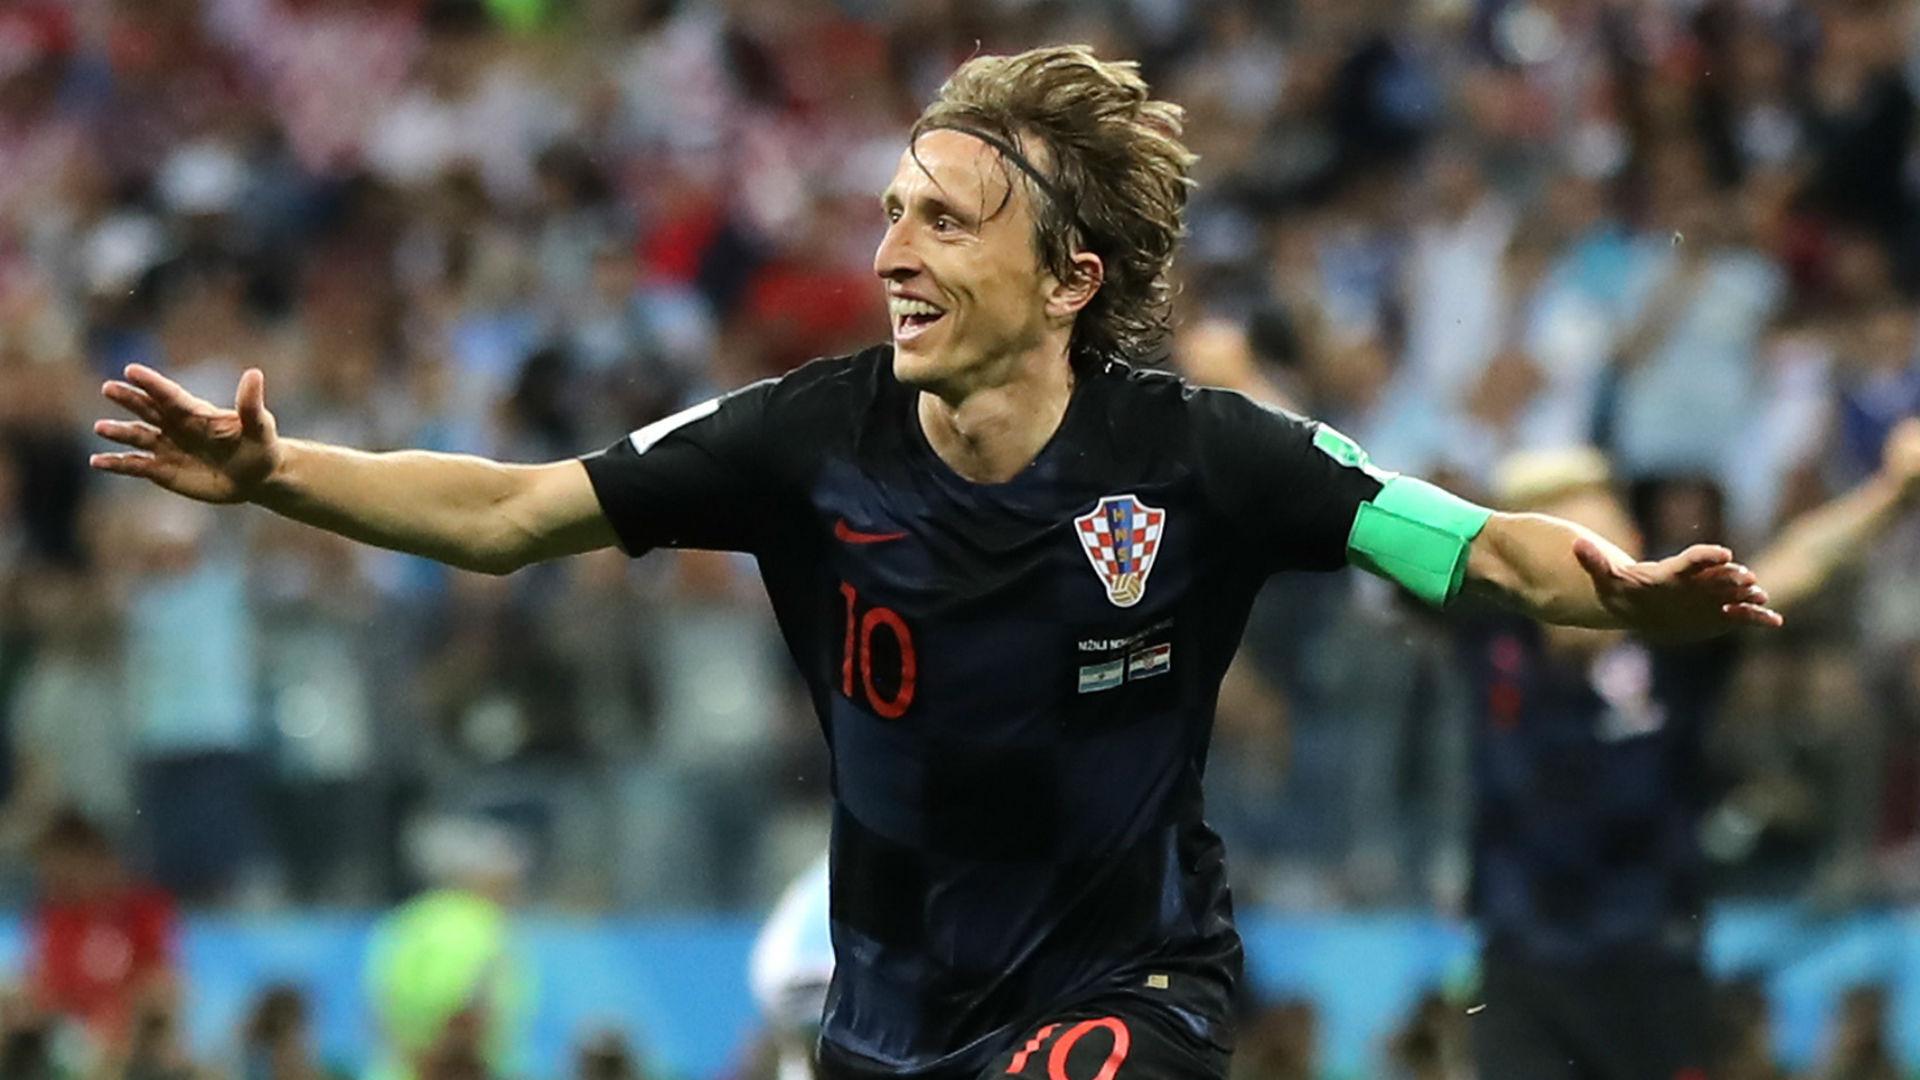 Luka-modric-croatia-argentina-world-cup-2018_1w41nj46w6orv15tx1hq9q9cox